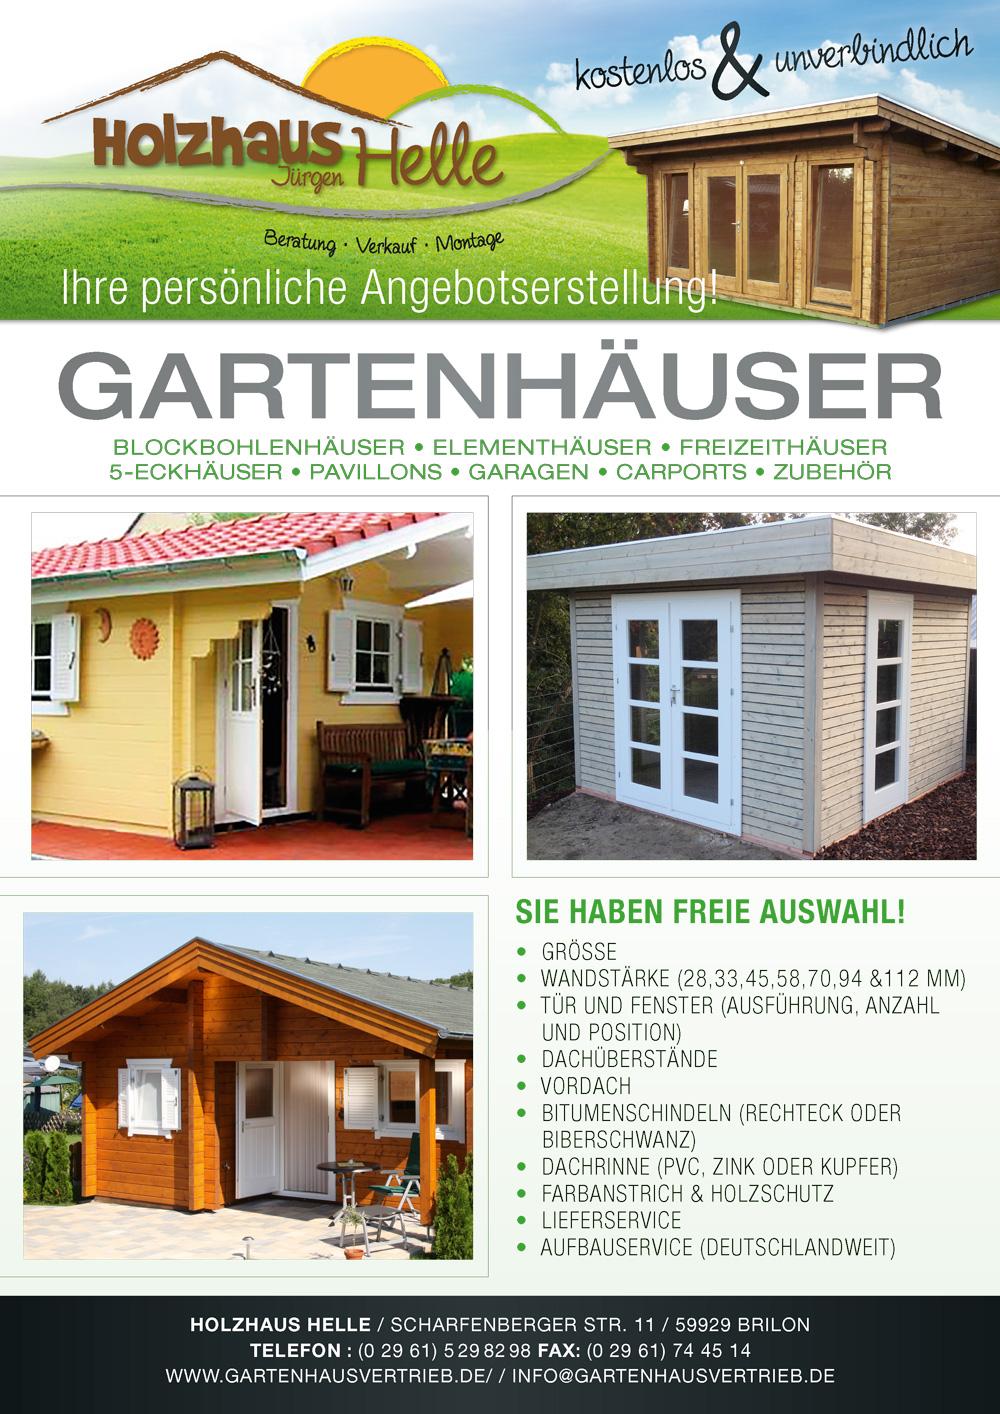 Gartenhaus pavillon garage anfertigung sonderanfertigung for Gartenhauser im angebot